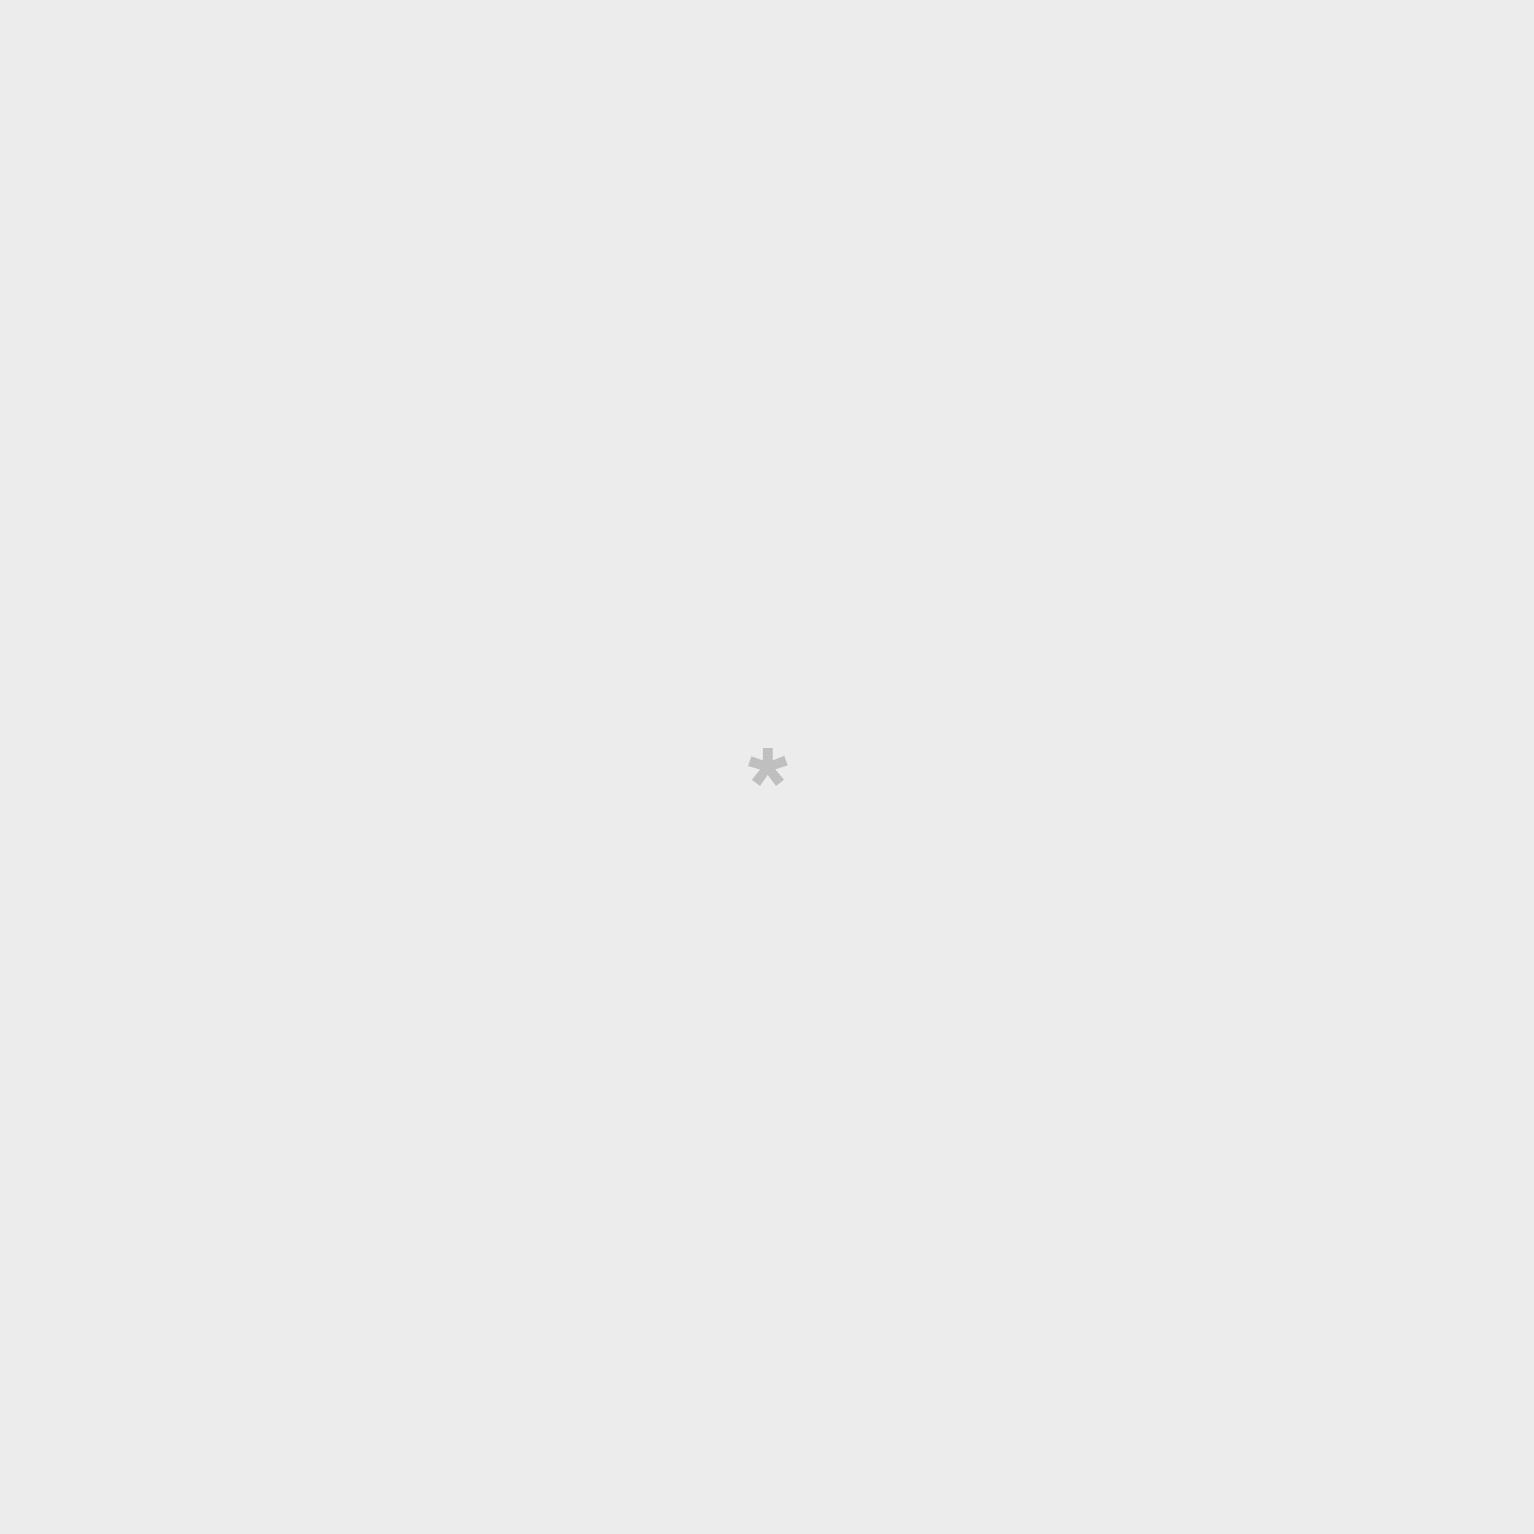 Organizzatore settimanale per raggiungere tutto quello che sogni